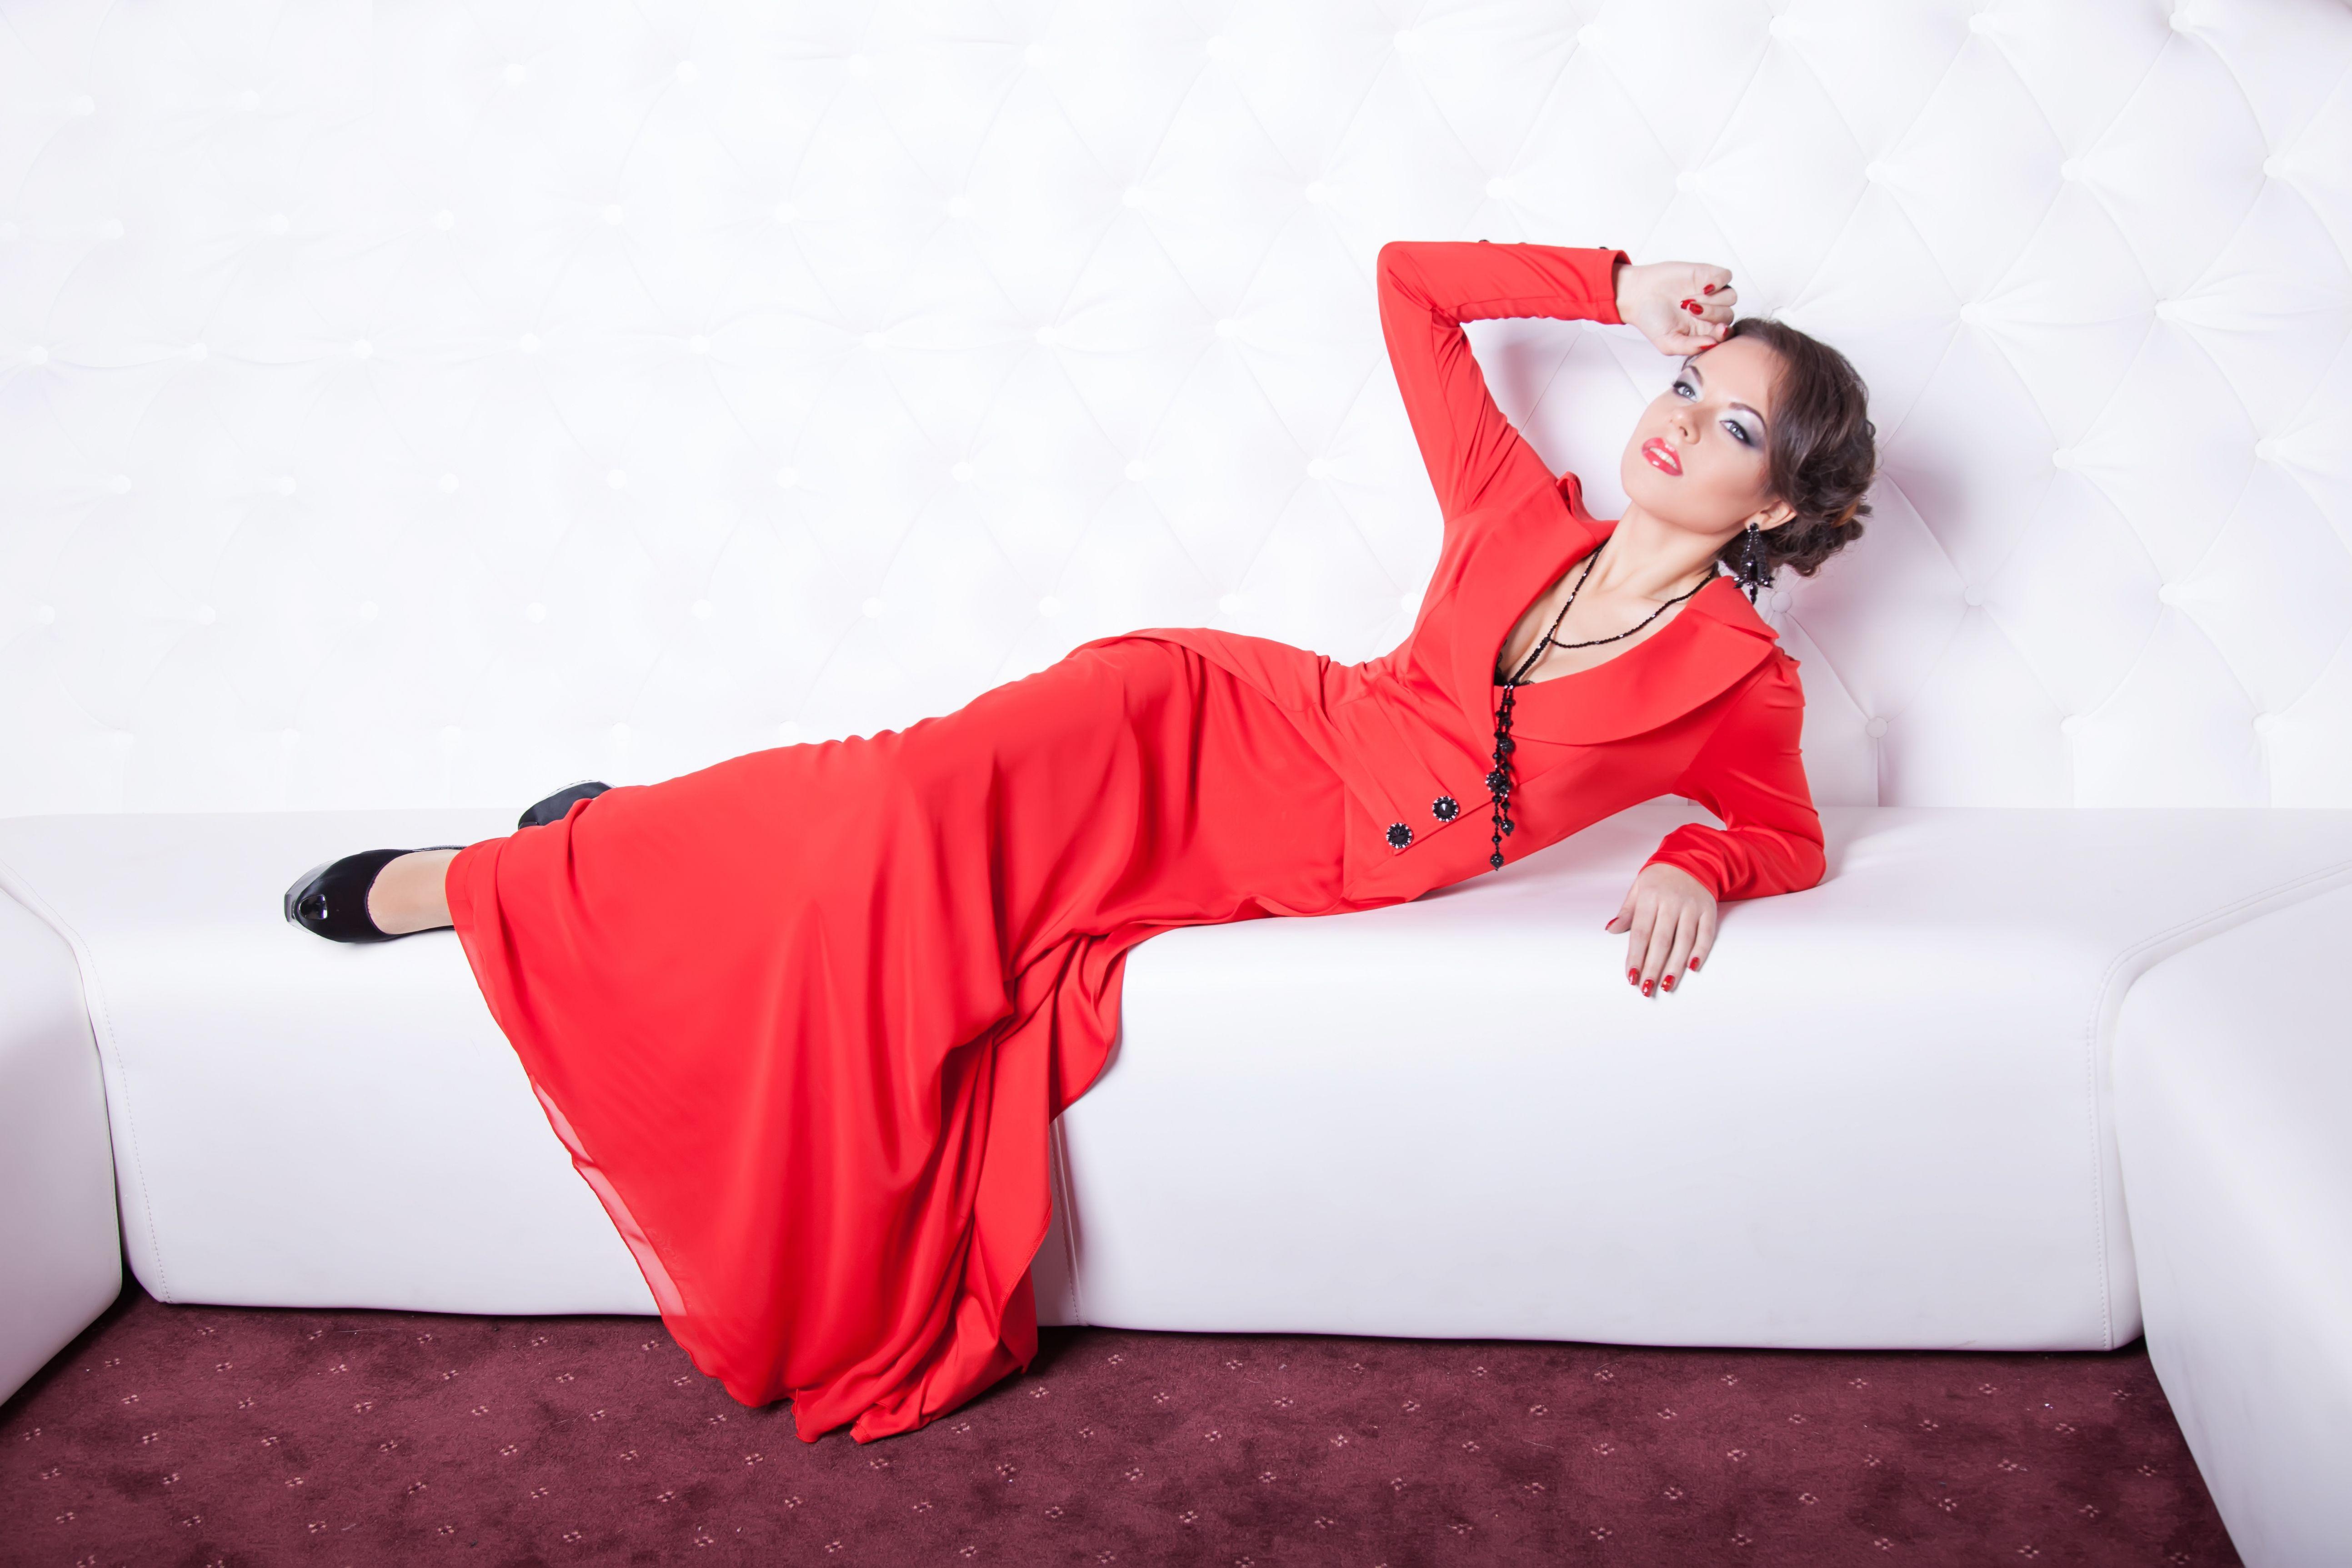 Шикарное красное платье в пол от бренда Vision fs в России на www.milagro-fs.com.ua Продажа по всему миру - www.visionfs.com.ua